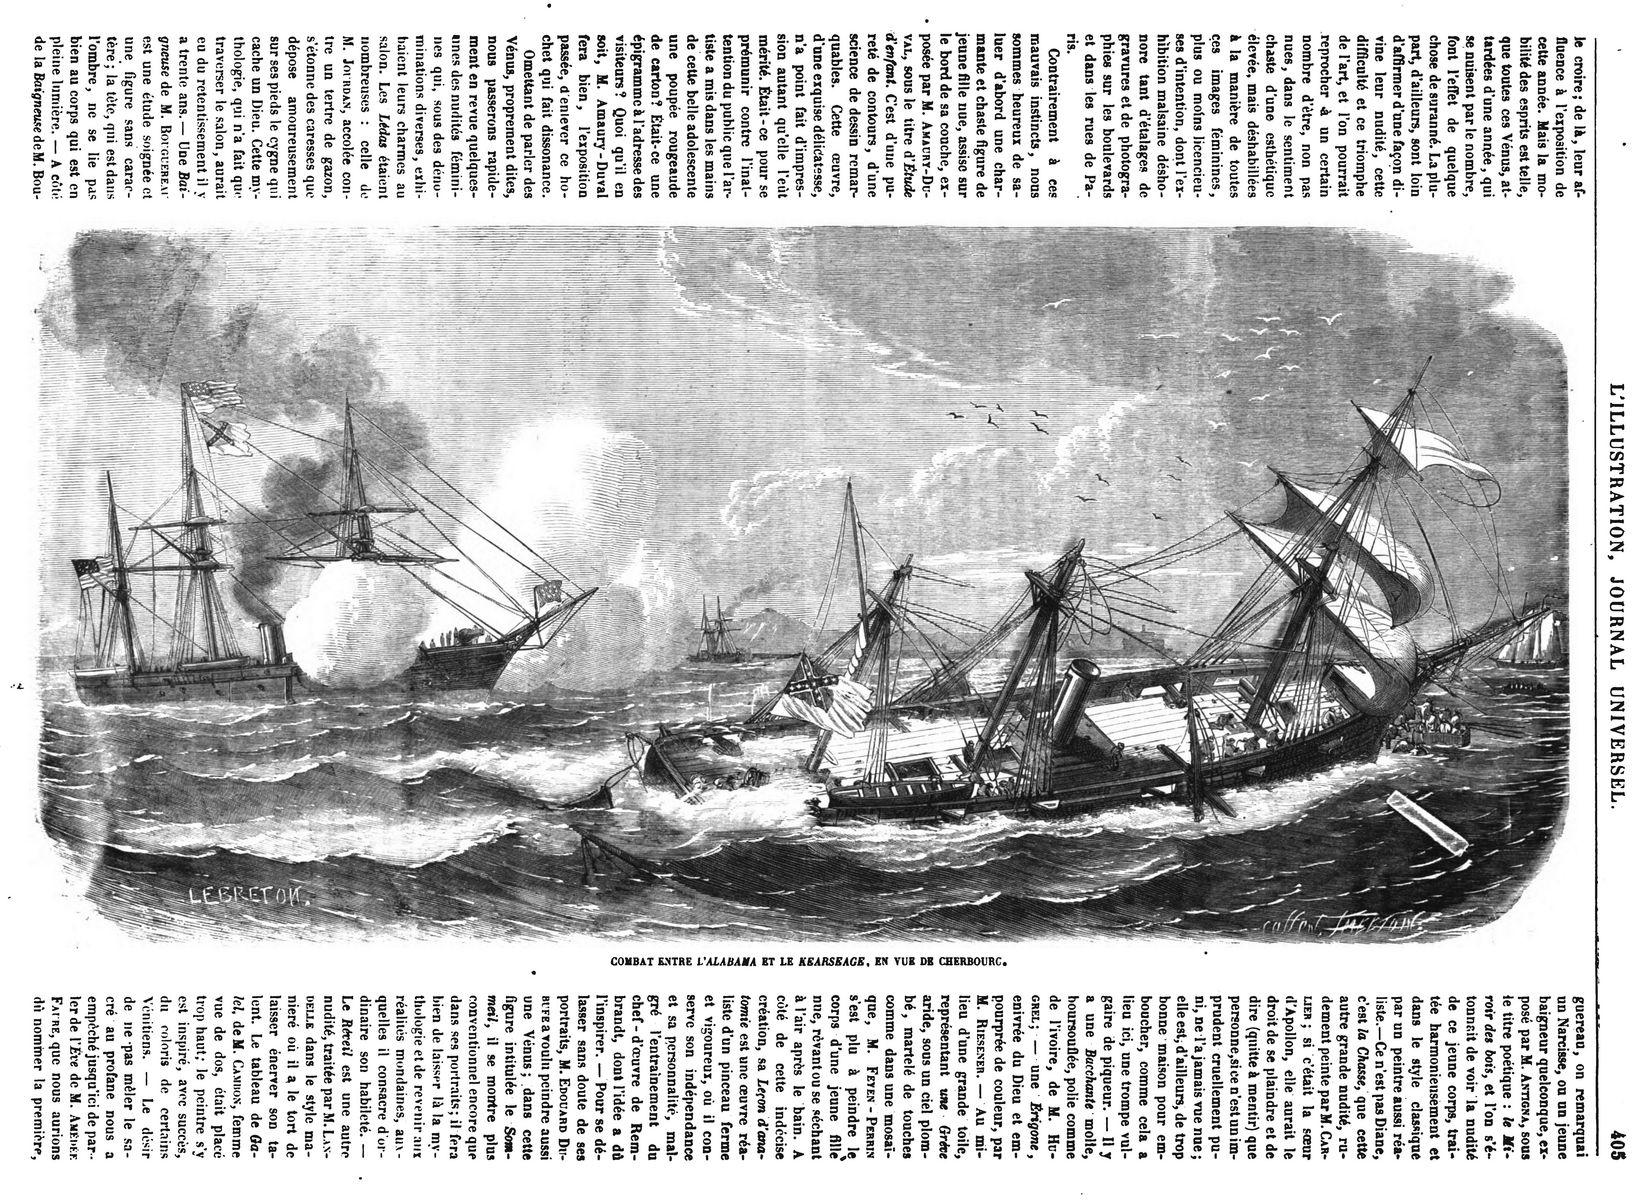 Combat entre l'Alabama et le Kearsarge, en vue de Cherbourg. 1864